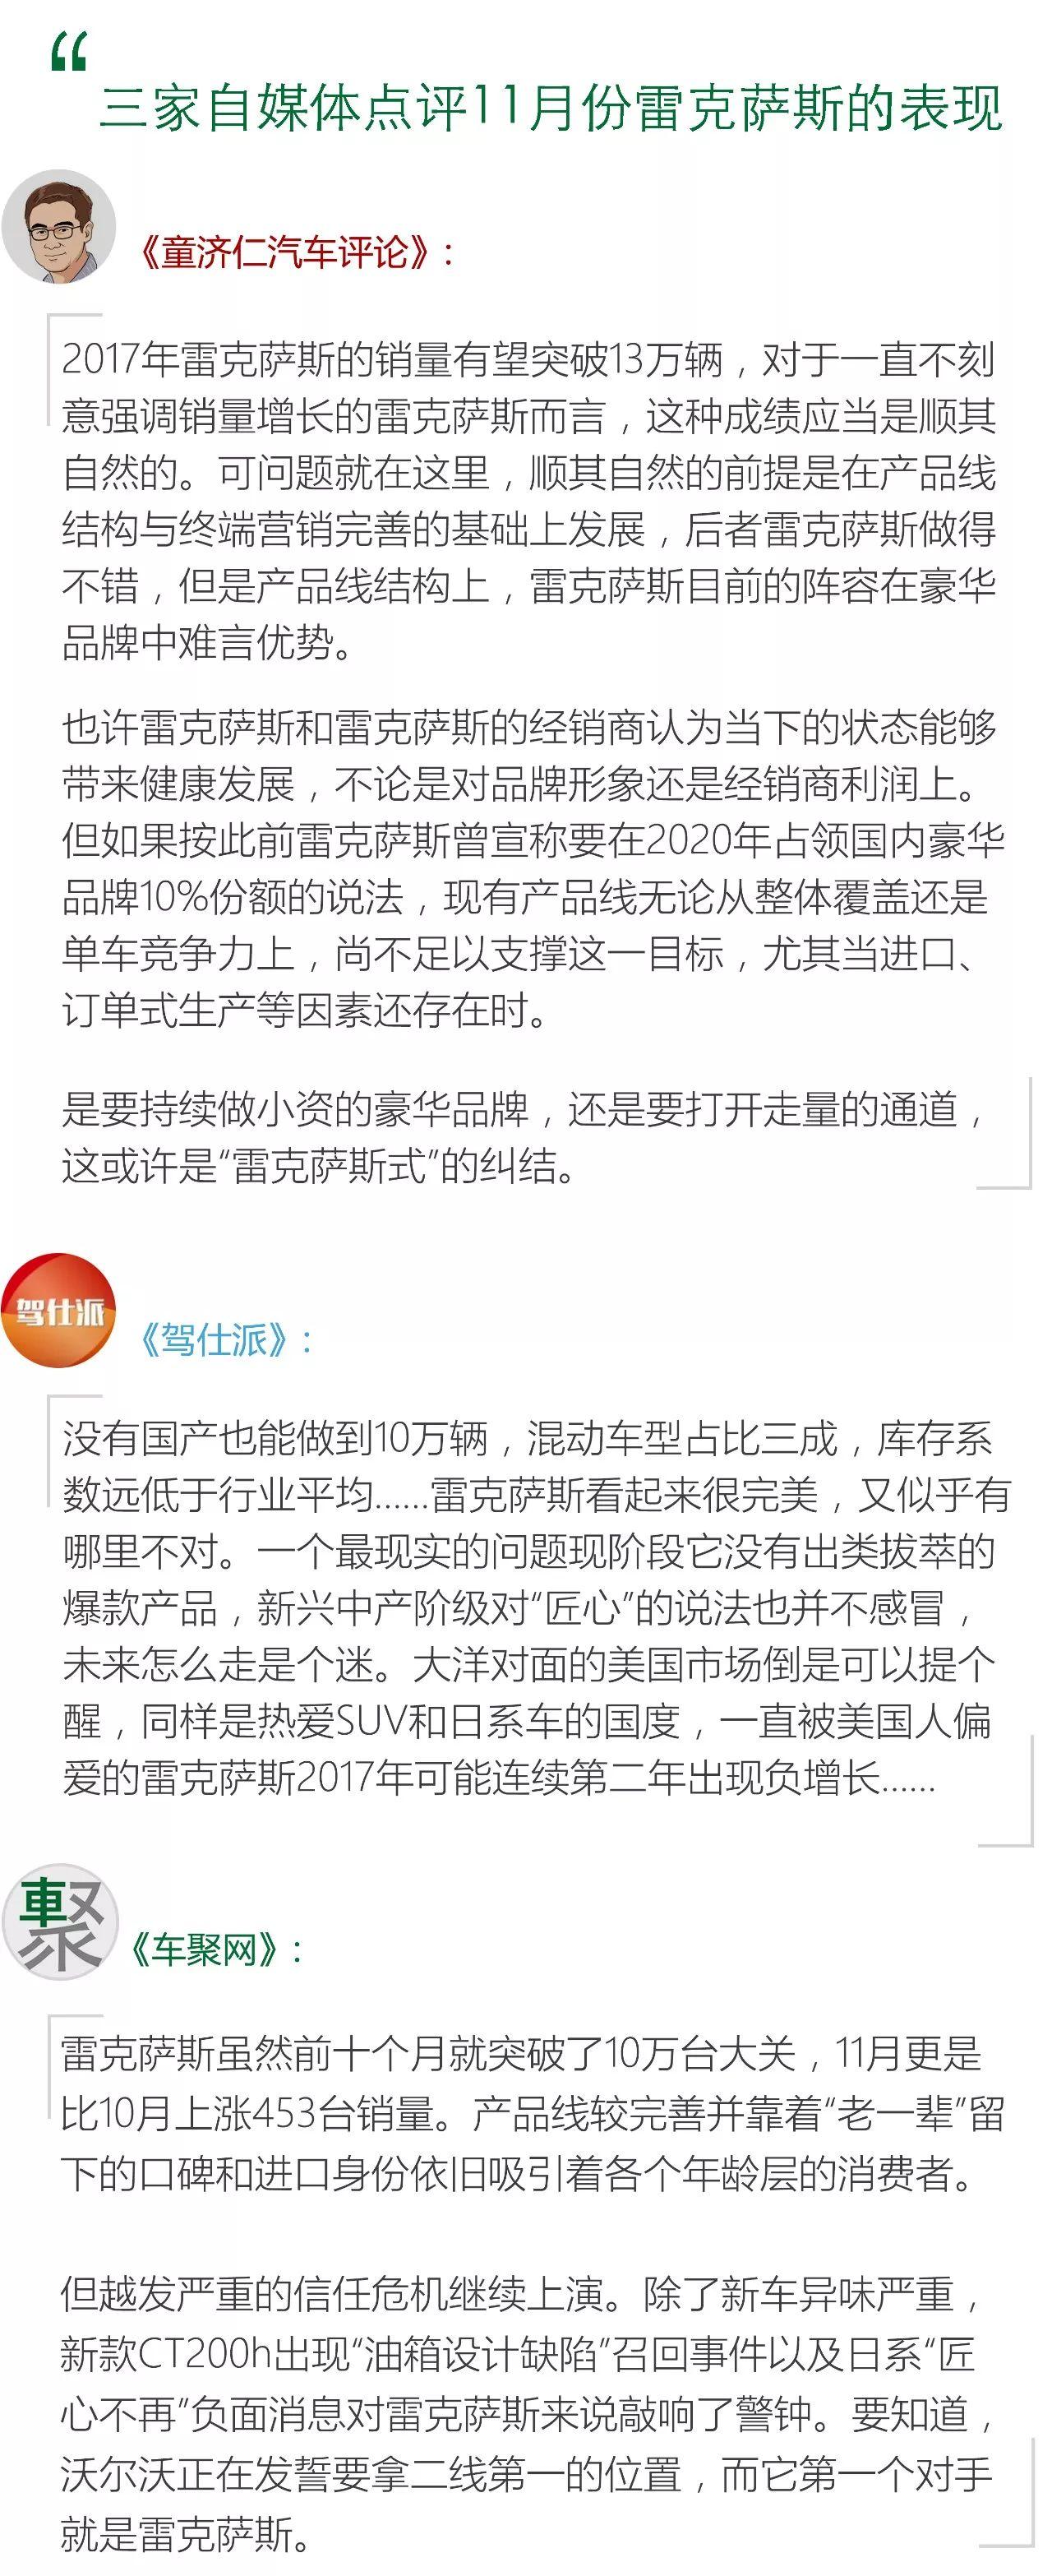 彩世界北京pk手机版 24